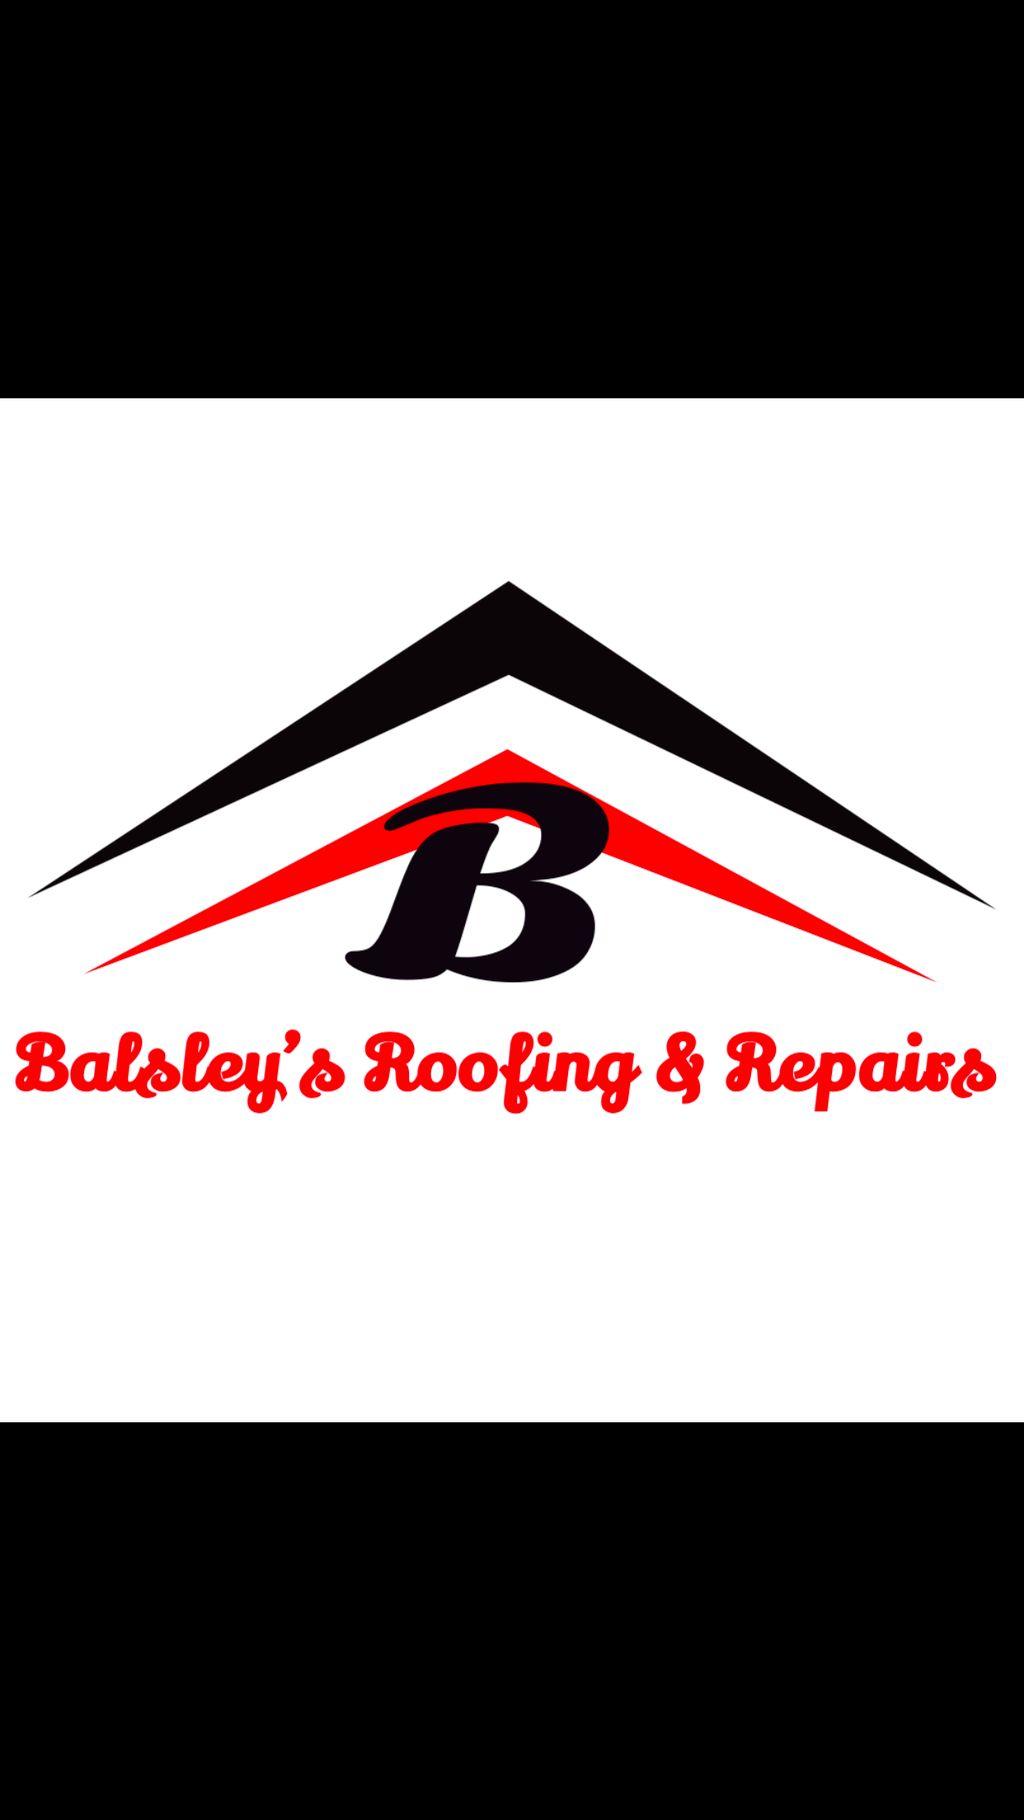 Balsley's Roofing & Repairs